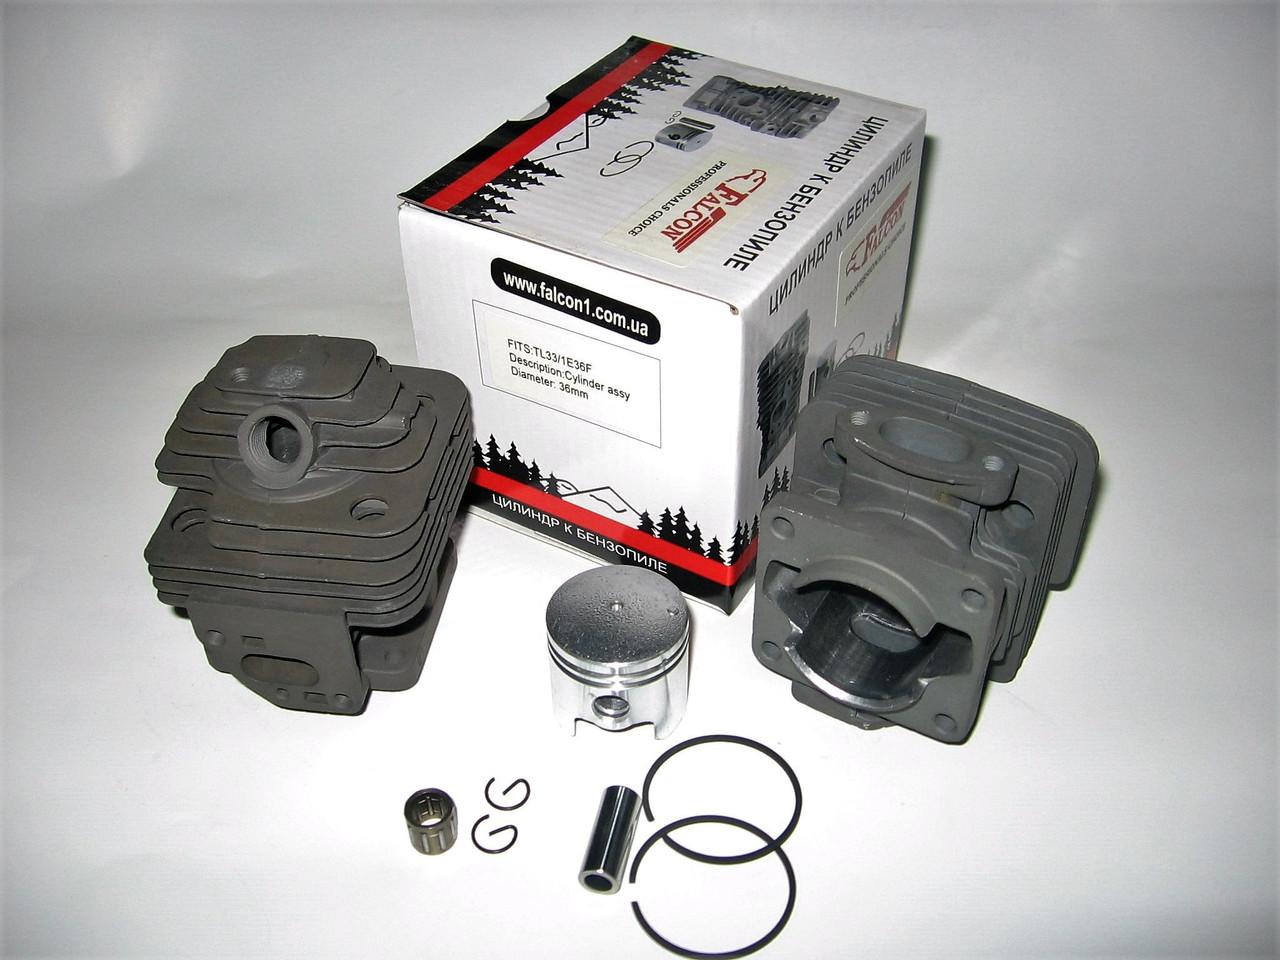 Цилиндр с поршнем для китайской мотокосы NTCG 330 + подшипник, покрытие хром, (d=36 мм)